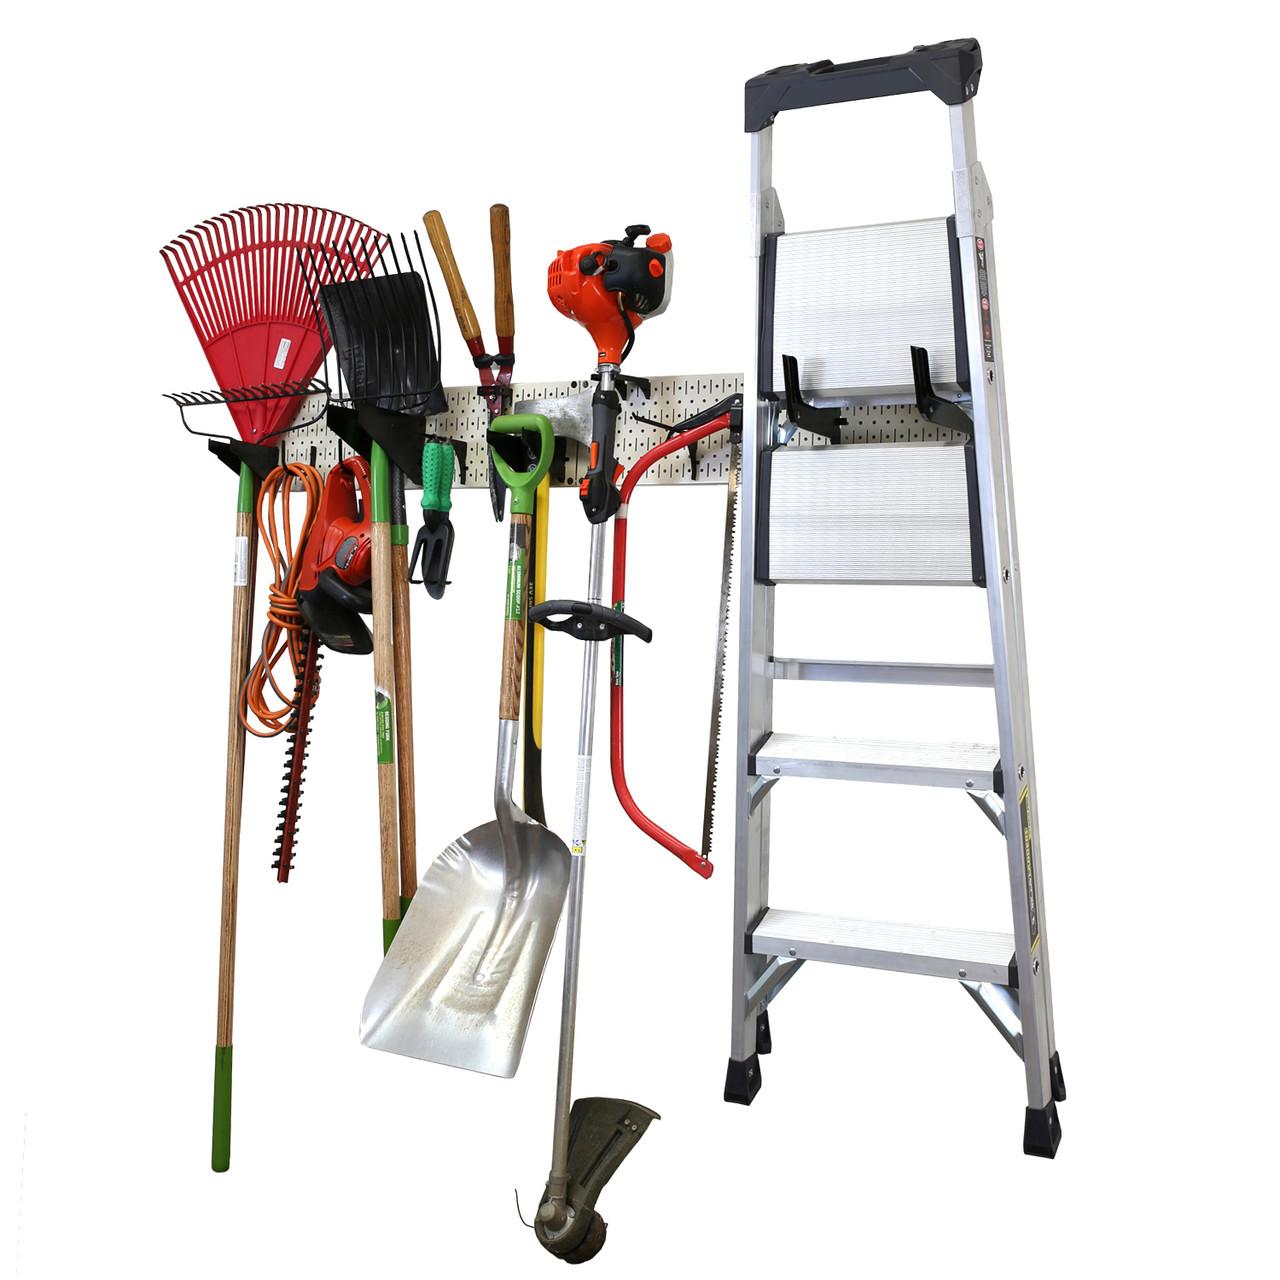 garage storage lawn garden tool organization wall organizer rack beige pegboard with accessories